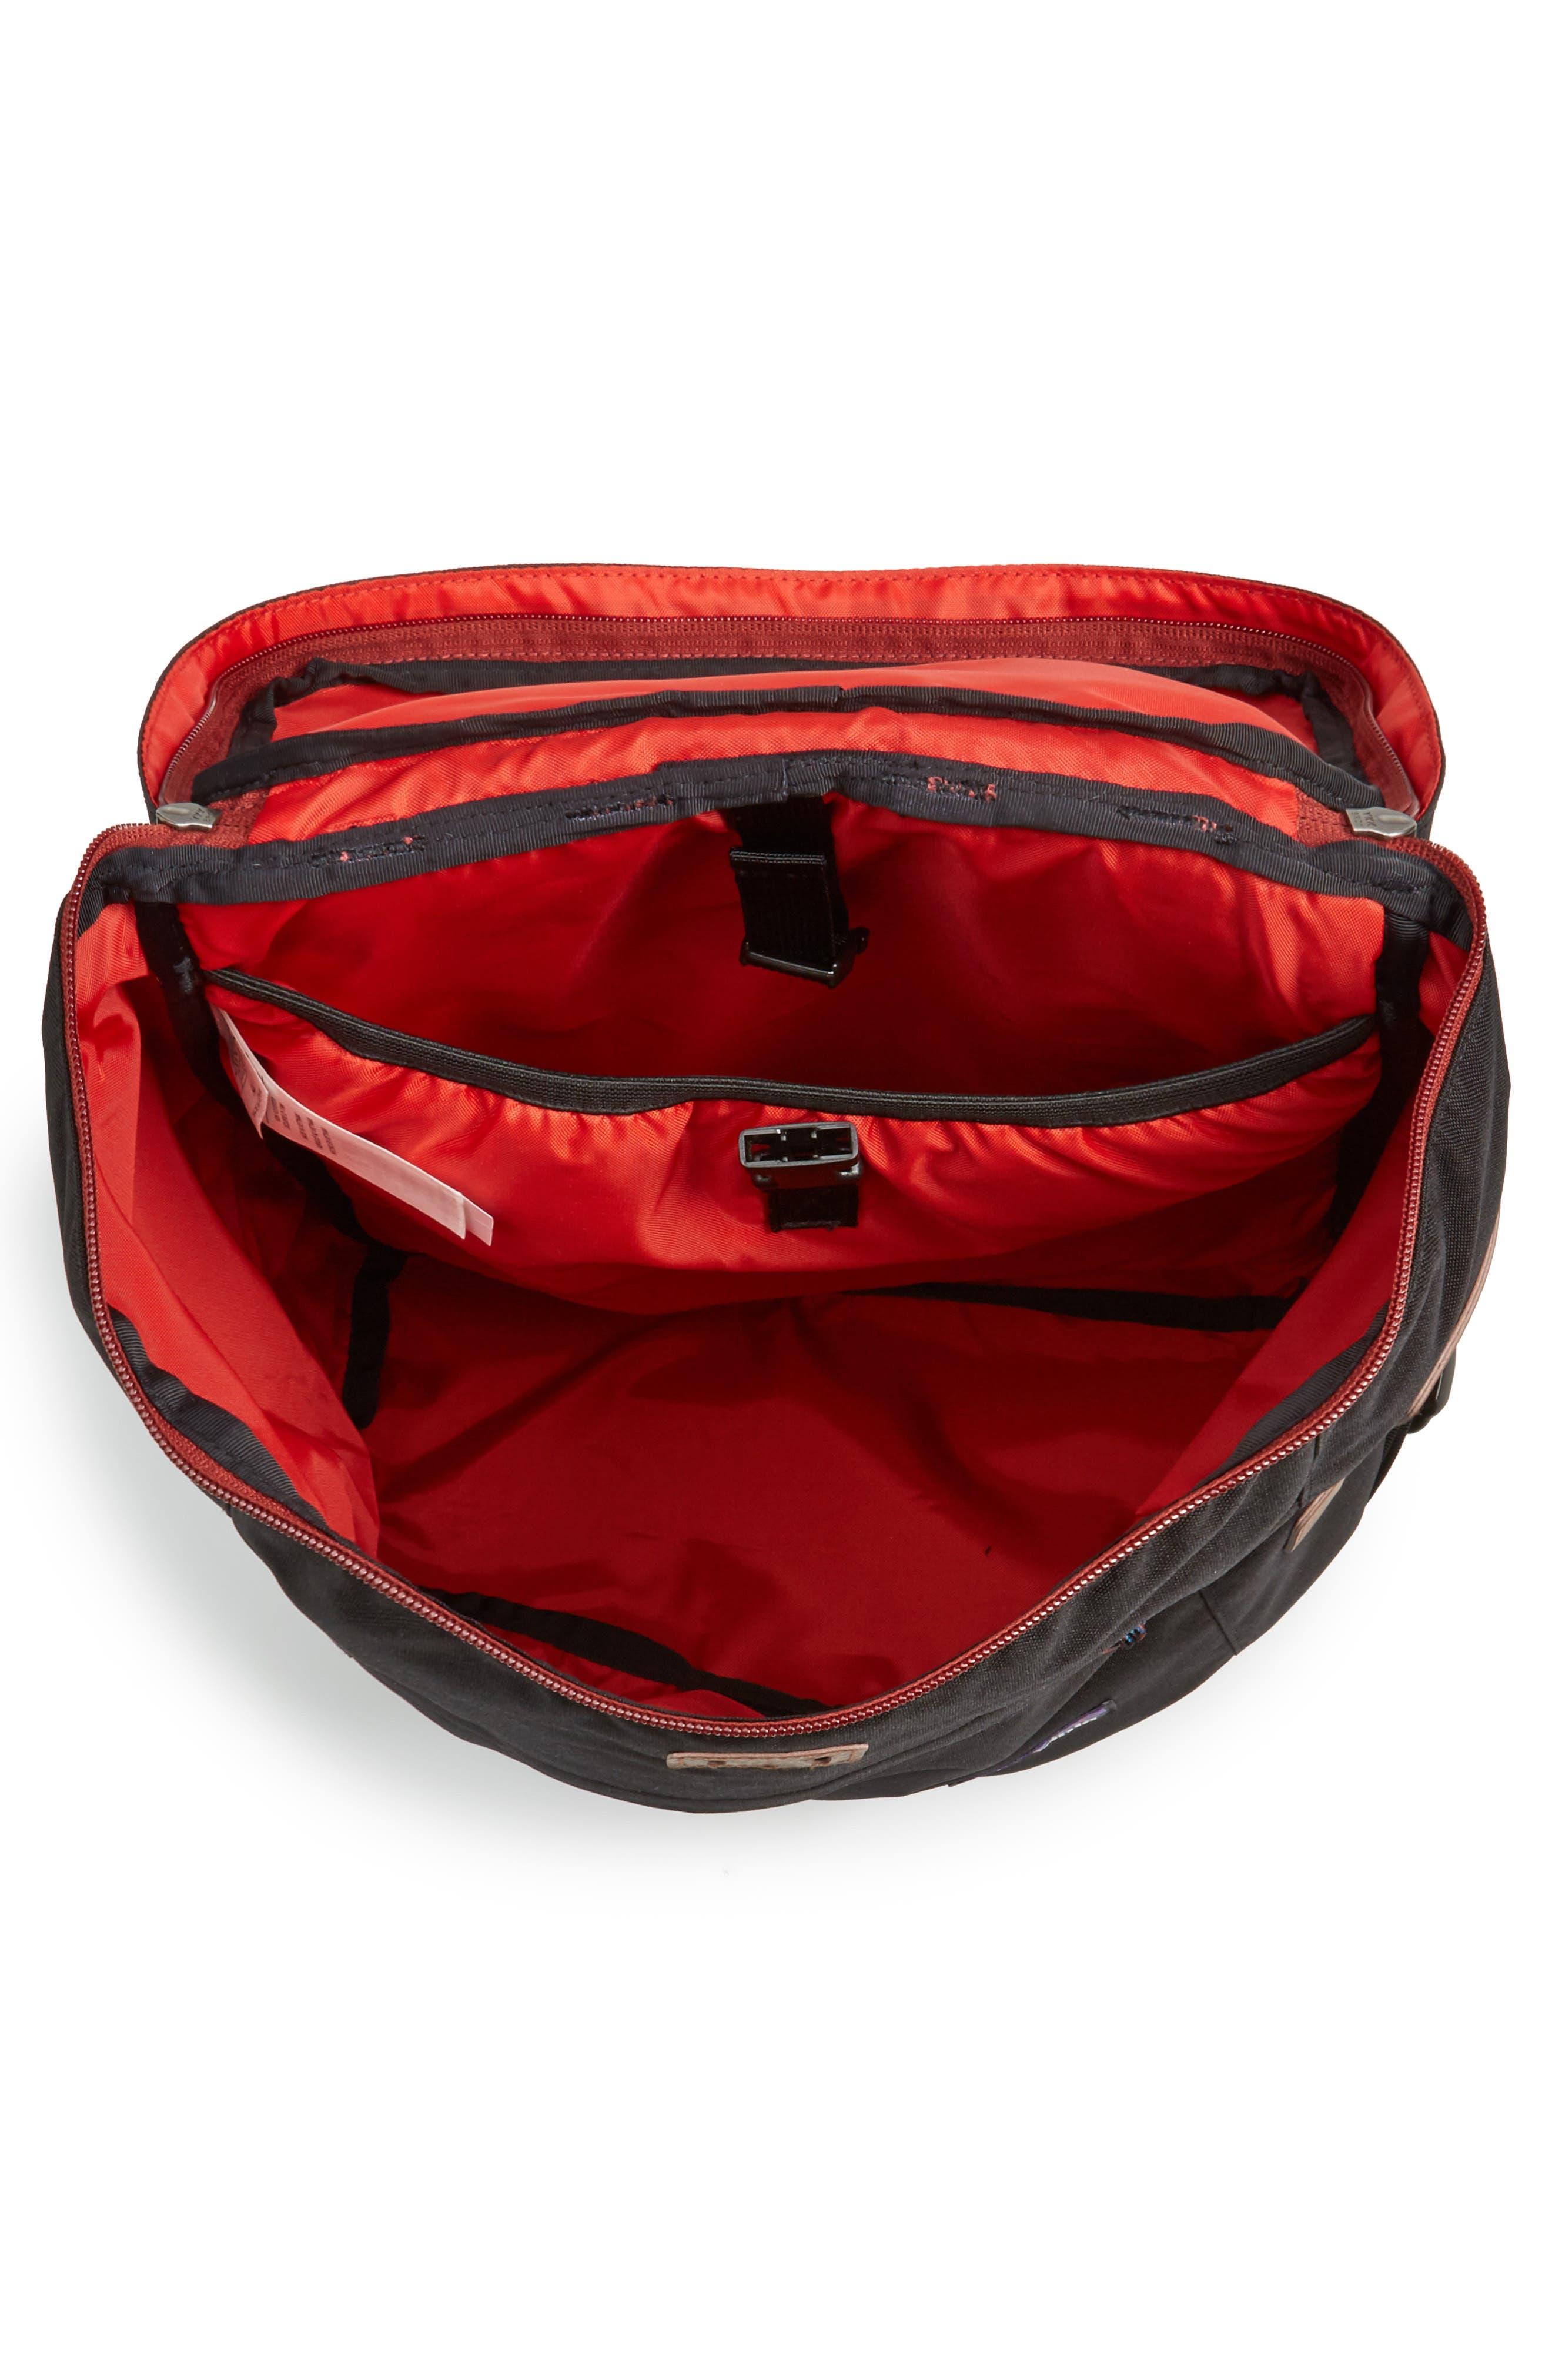 'Toromiro' Backpack,                             Alternate thumbnail 4, color,                             001